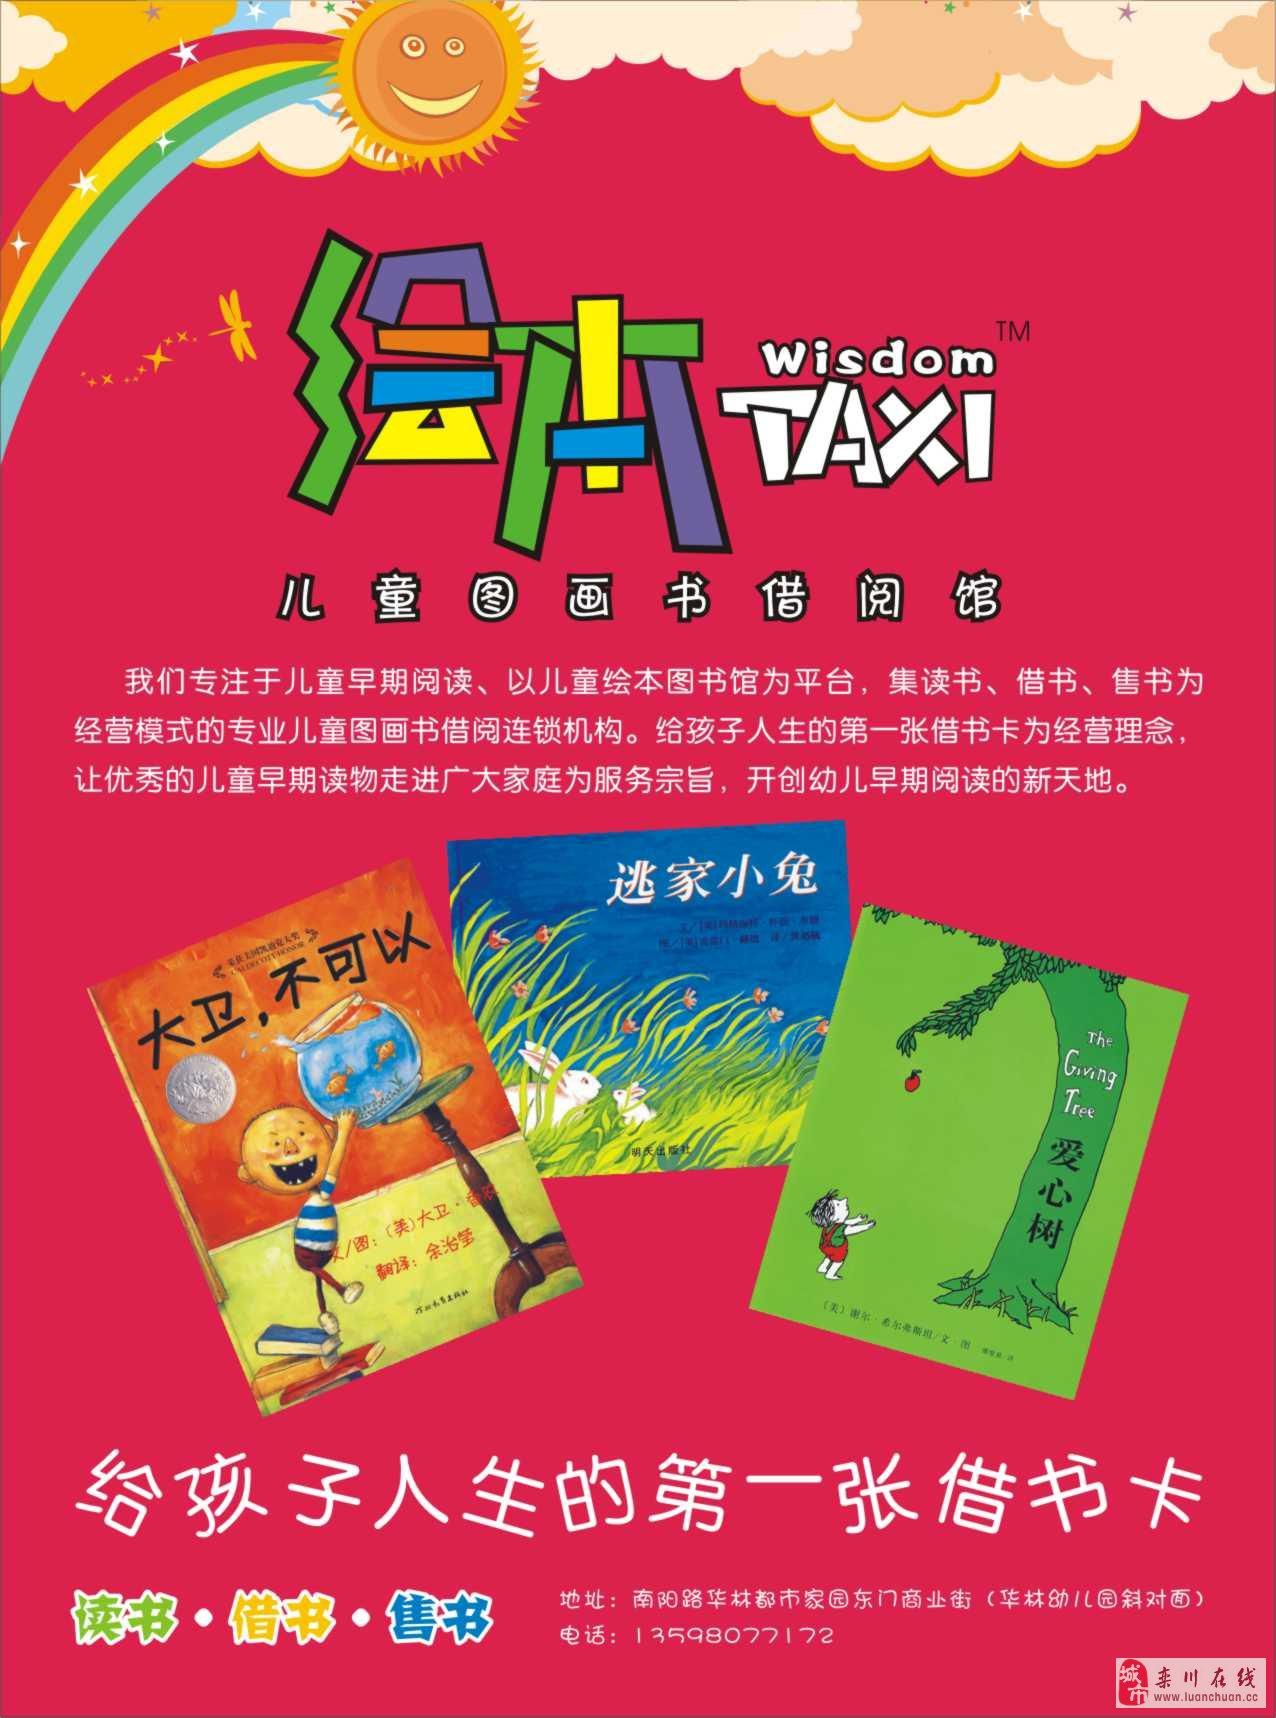 绘本taxi儿童图书馆栾川二小店聘绘画或手工教师